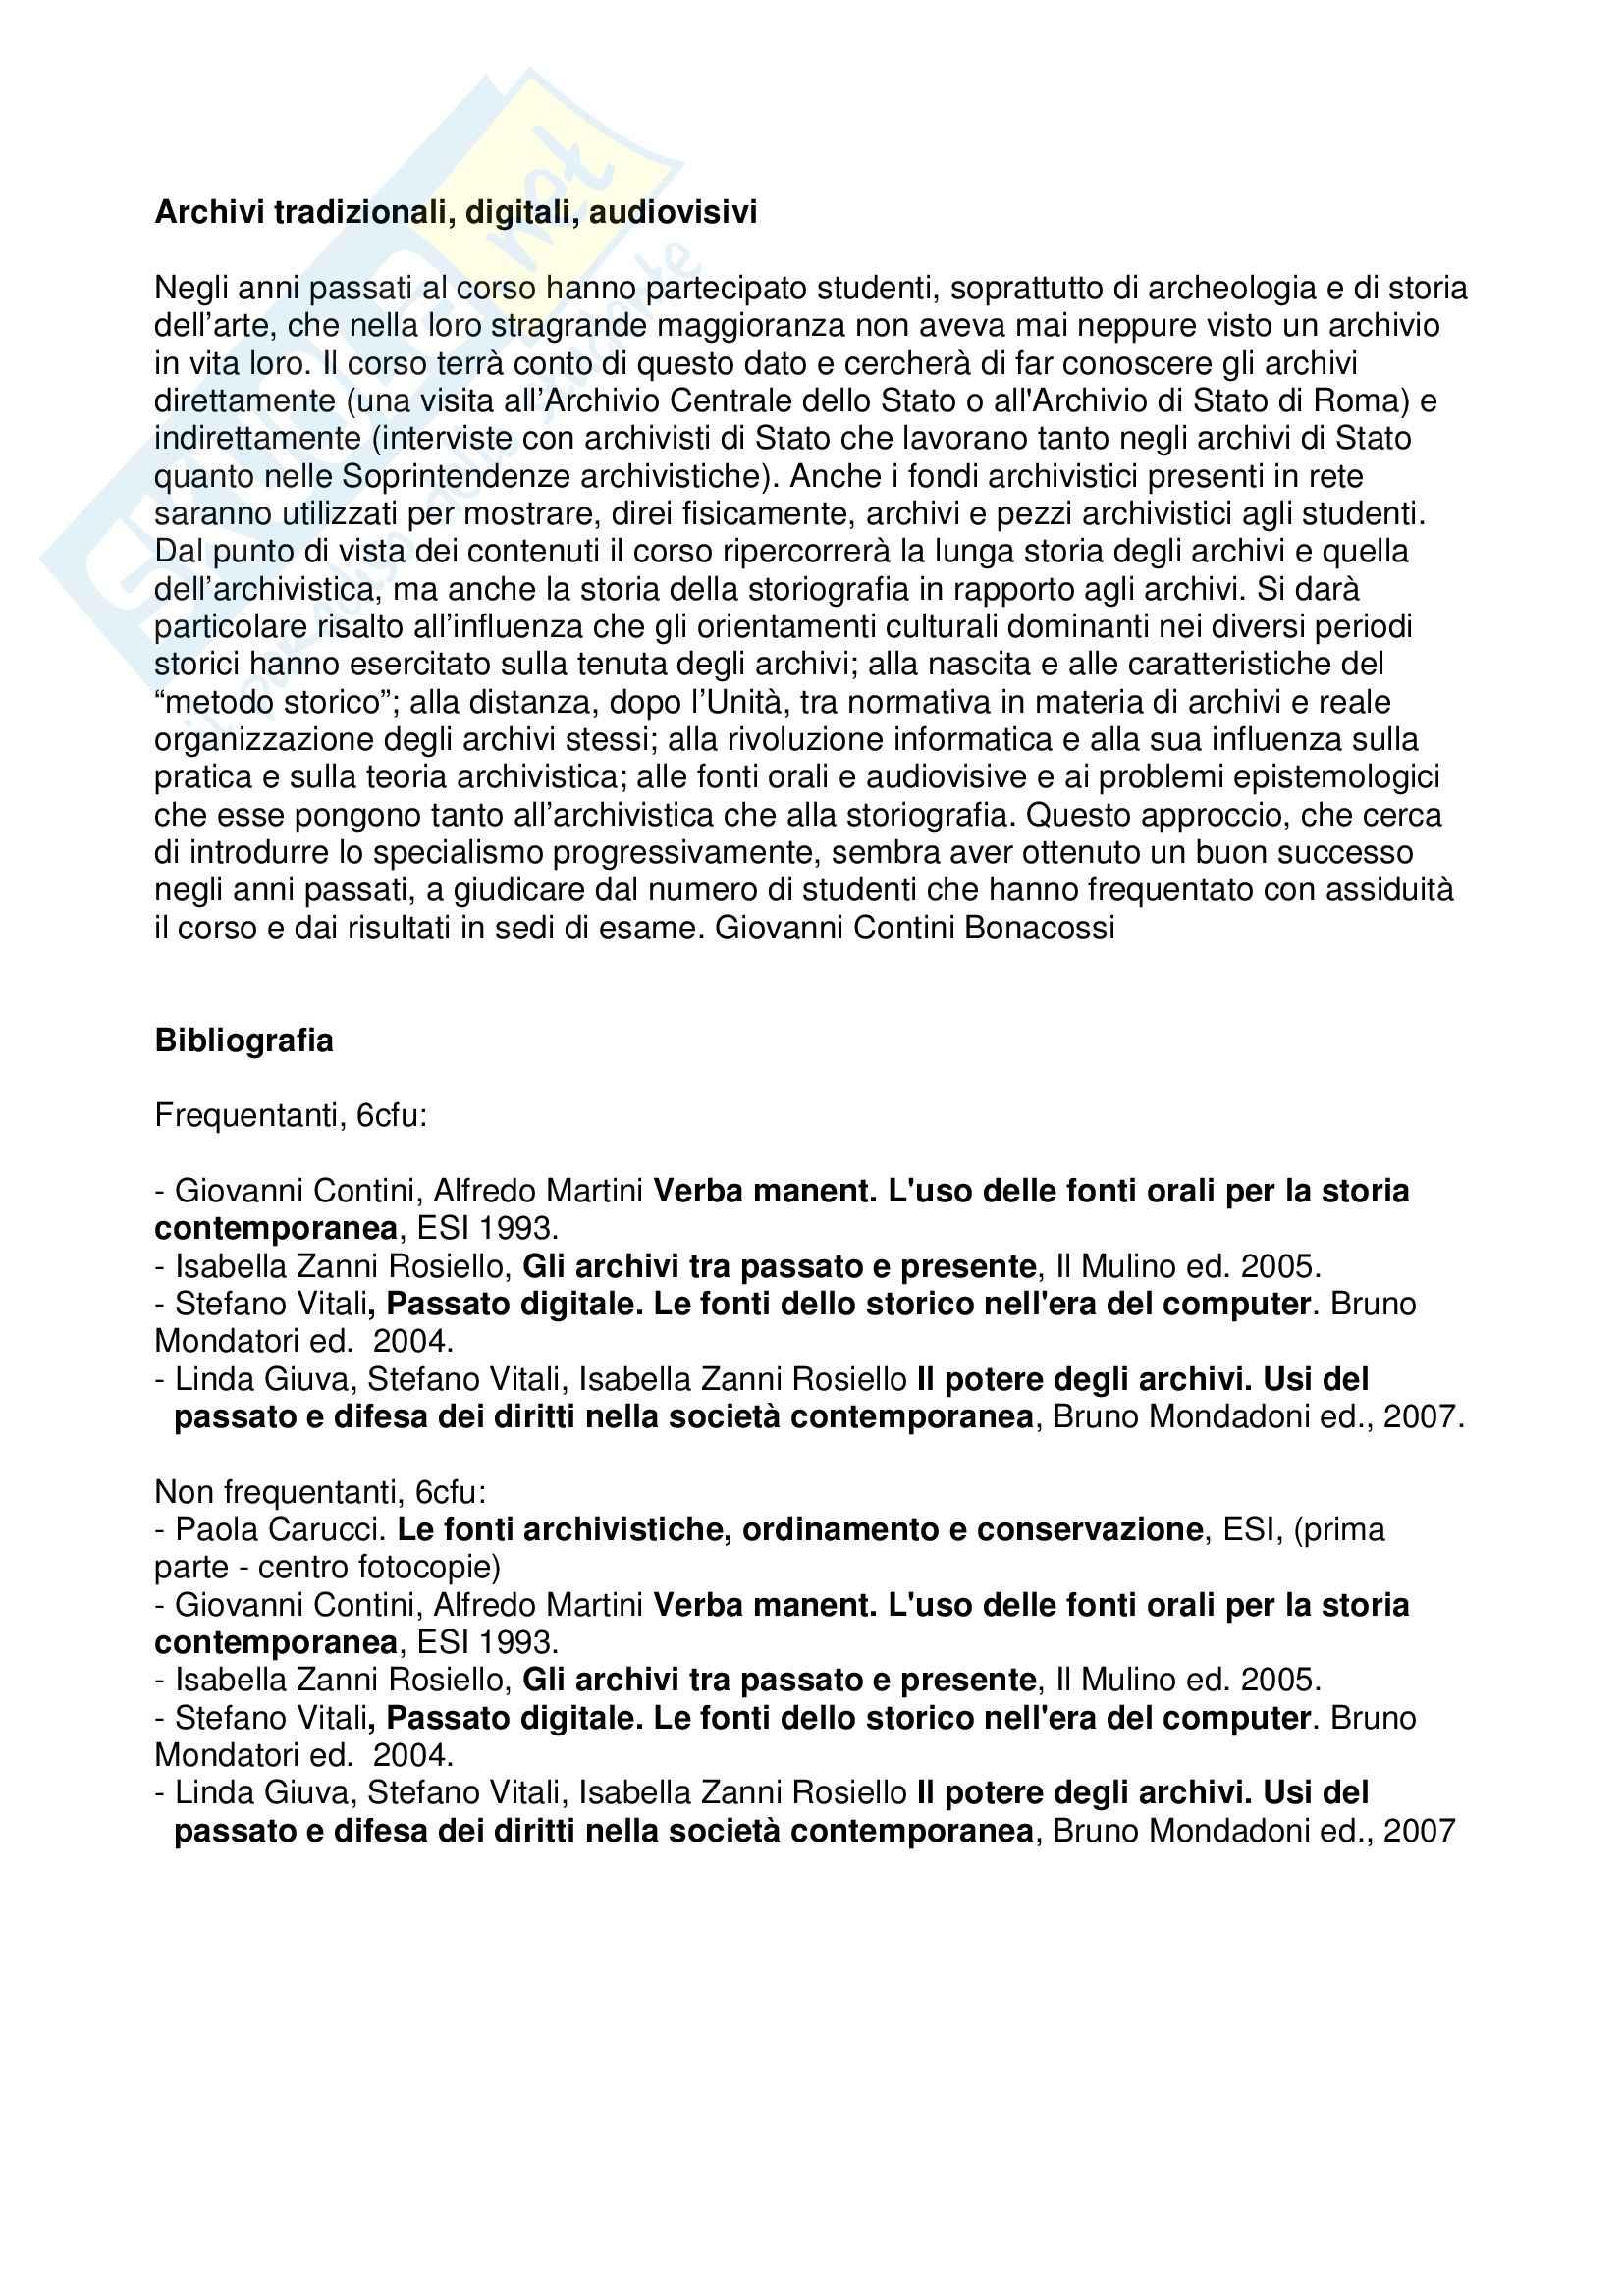 dispensa G. Contini Bonacossi Archivistica I A